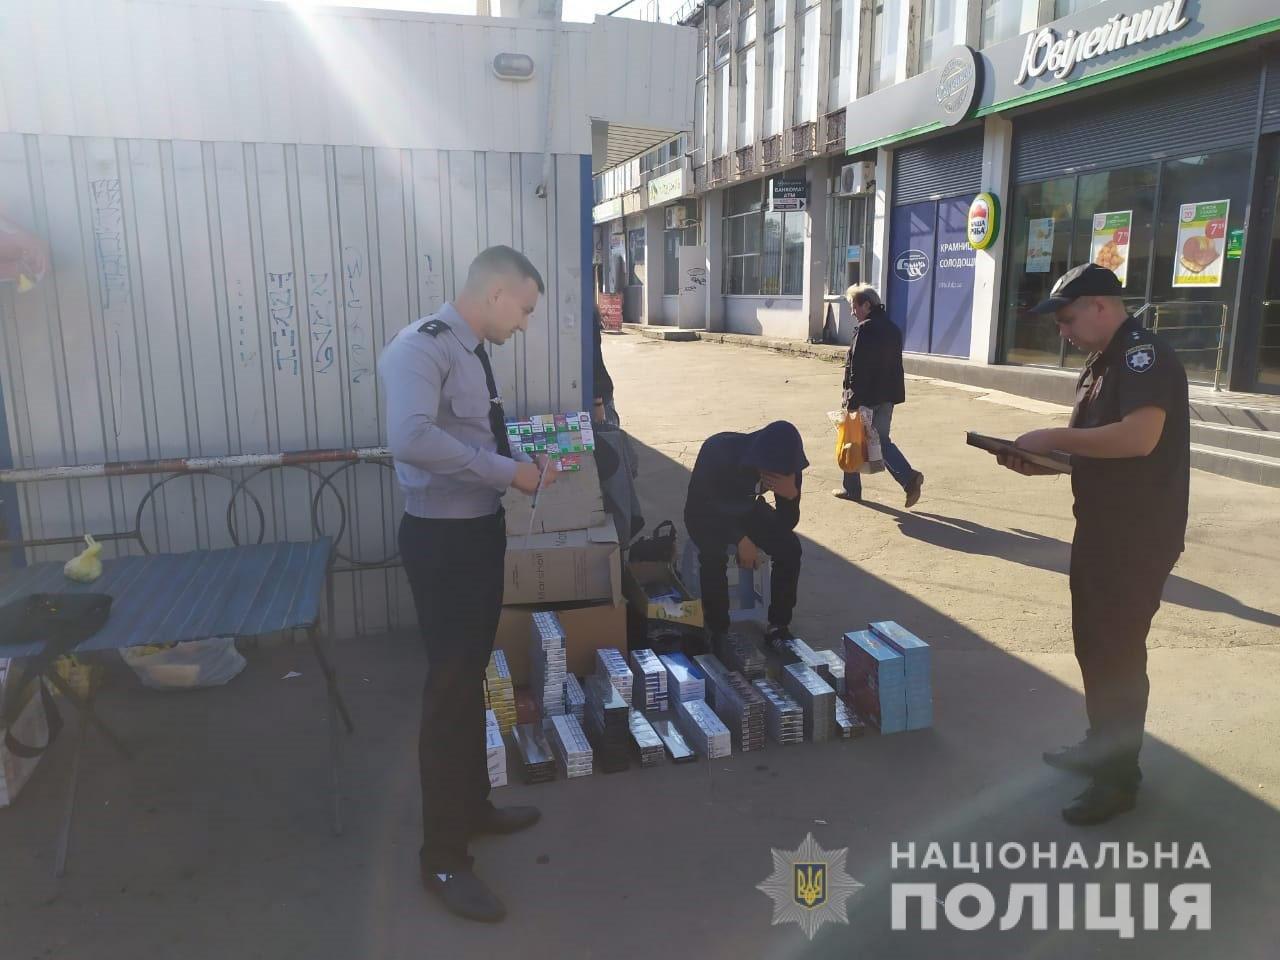 """В Кривом Роге """"отработали"""" район и изъяли 1400 пачек контрафактных сигарет, - ФОТО , фото-2"""